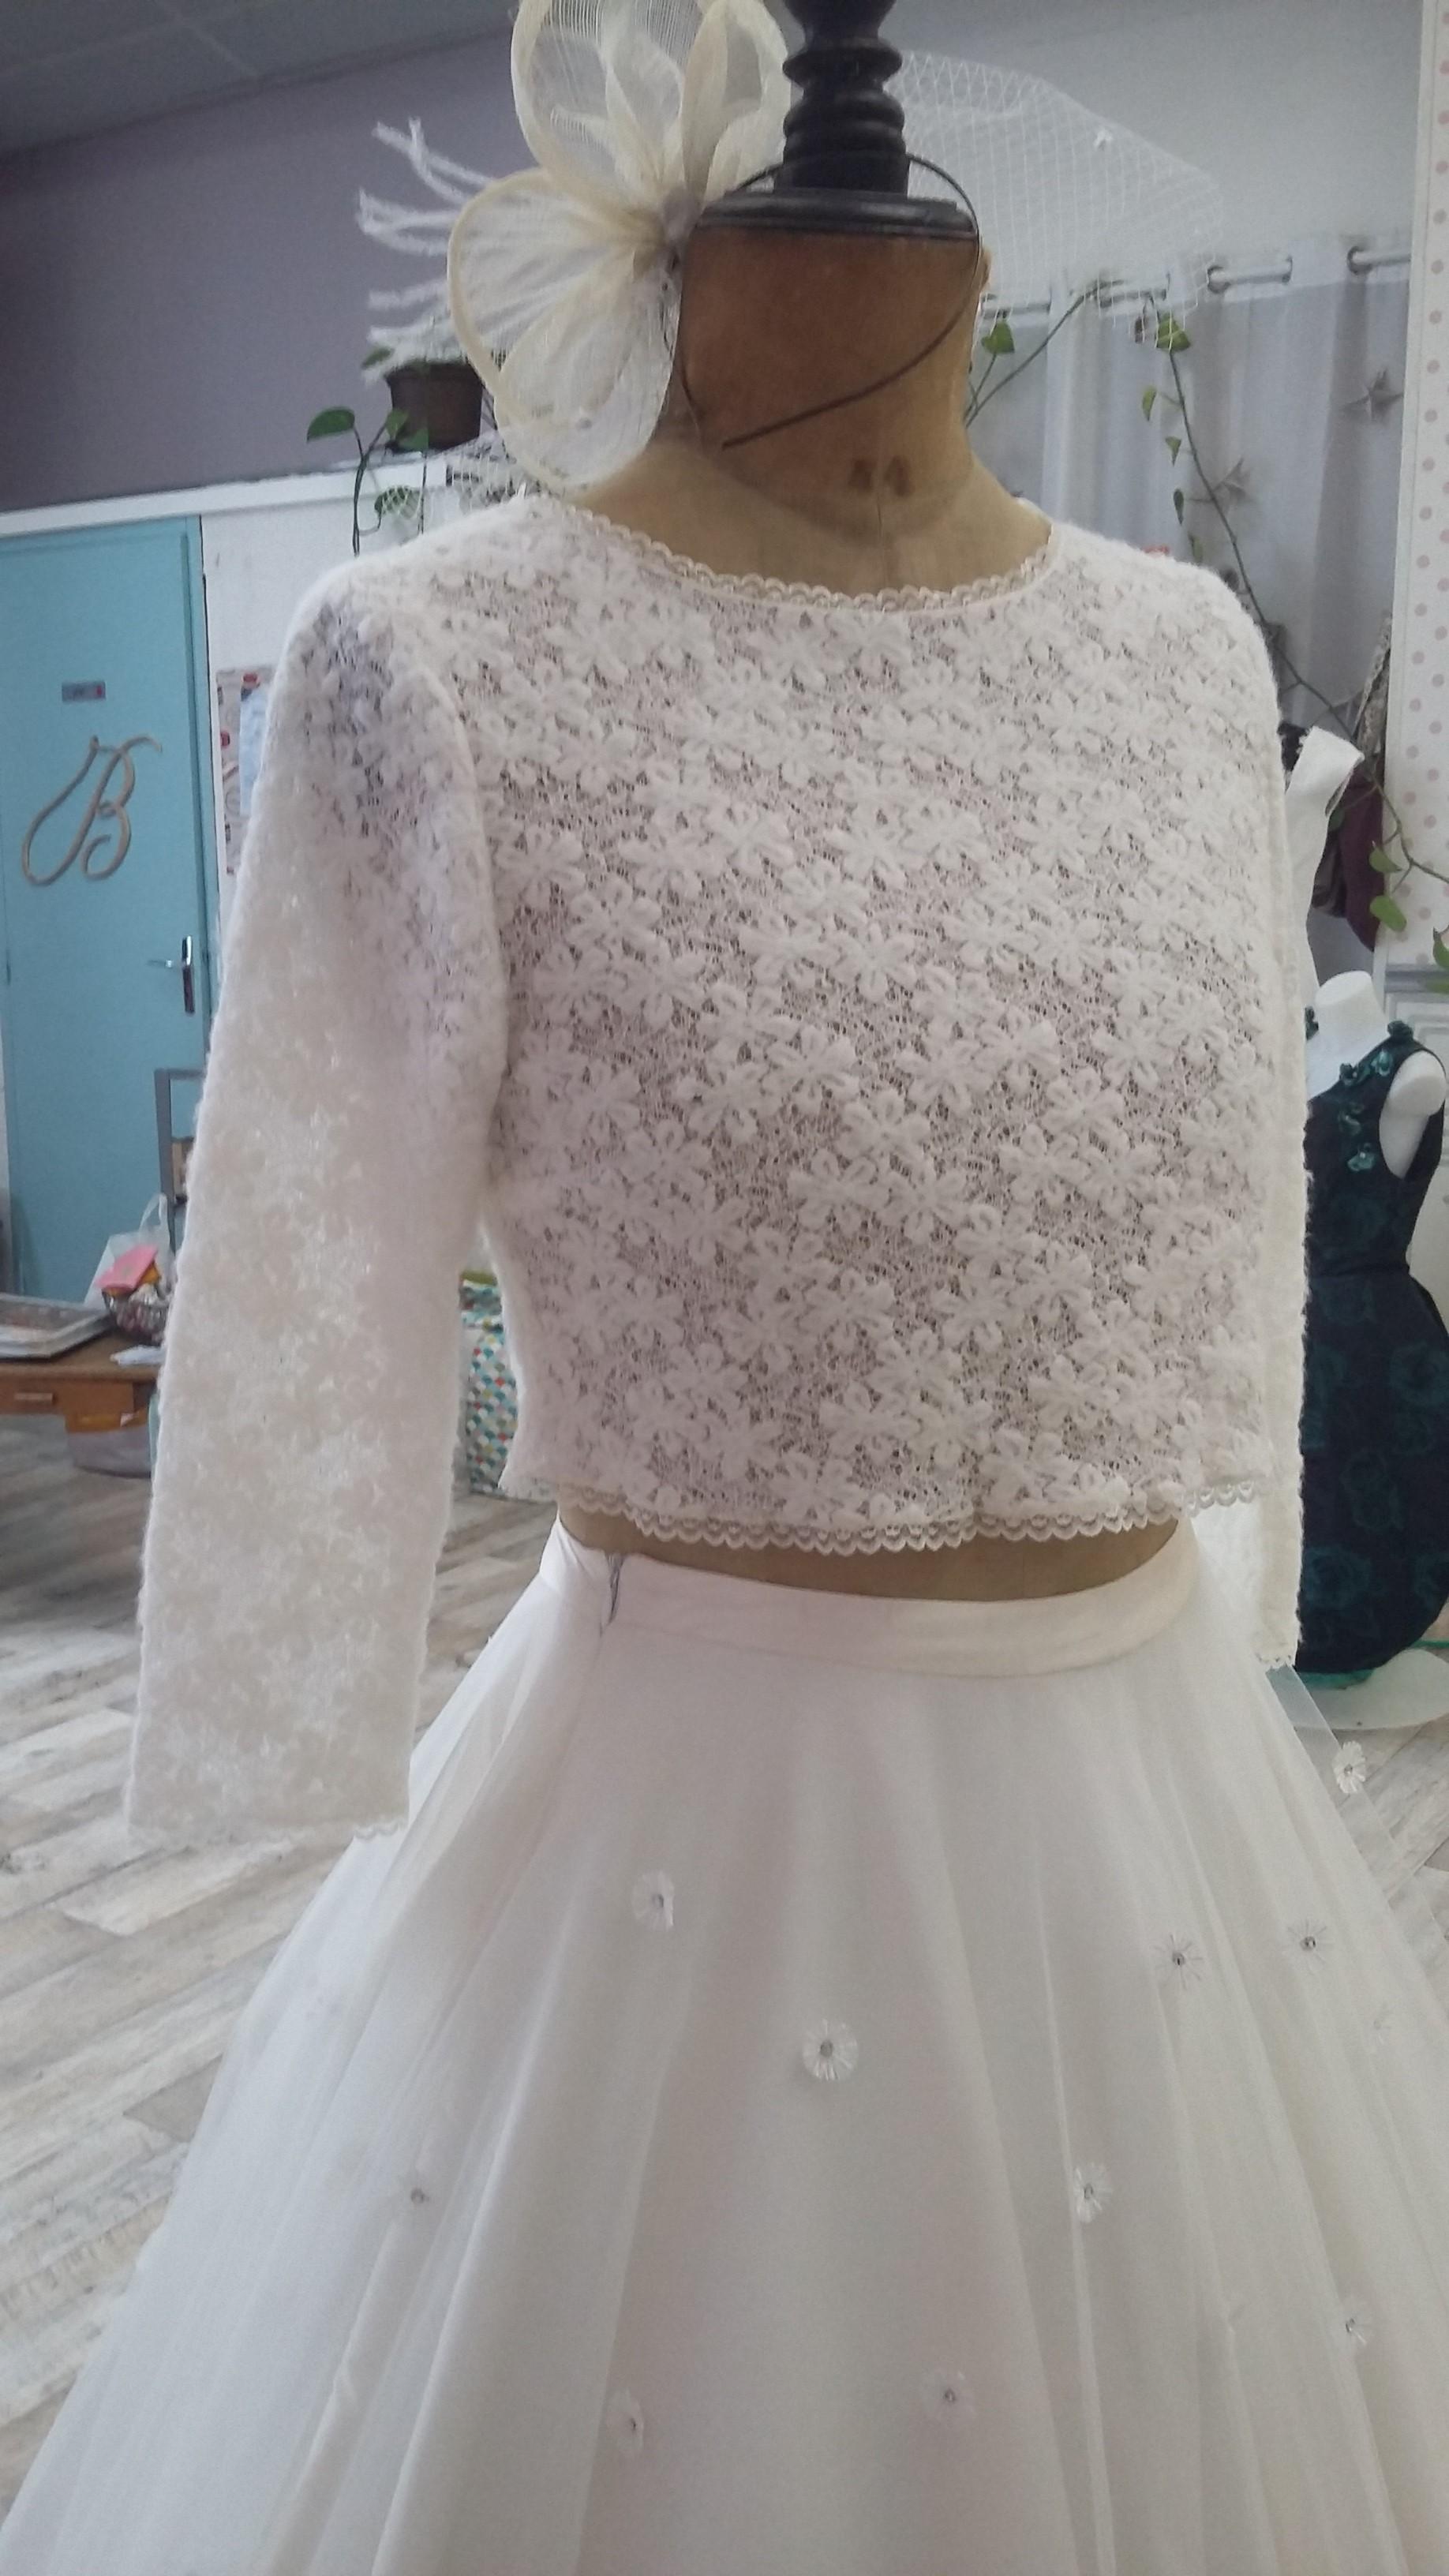 Robe de mariée à domicile - ELSA - robe de mariée avec pull et jupe tulle - Cholet - Boutique de mariage 49 -, robe de mariée pas cher, créatrice 49, robe de mariée princesse